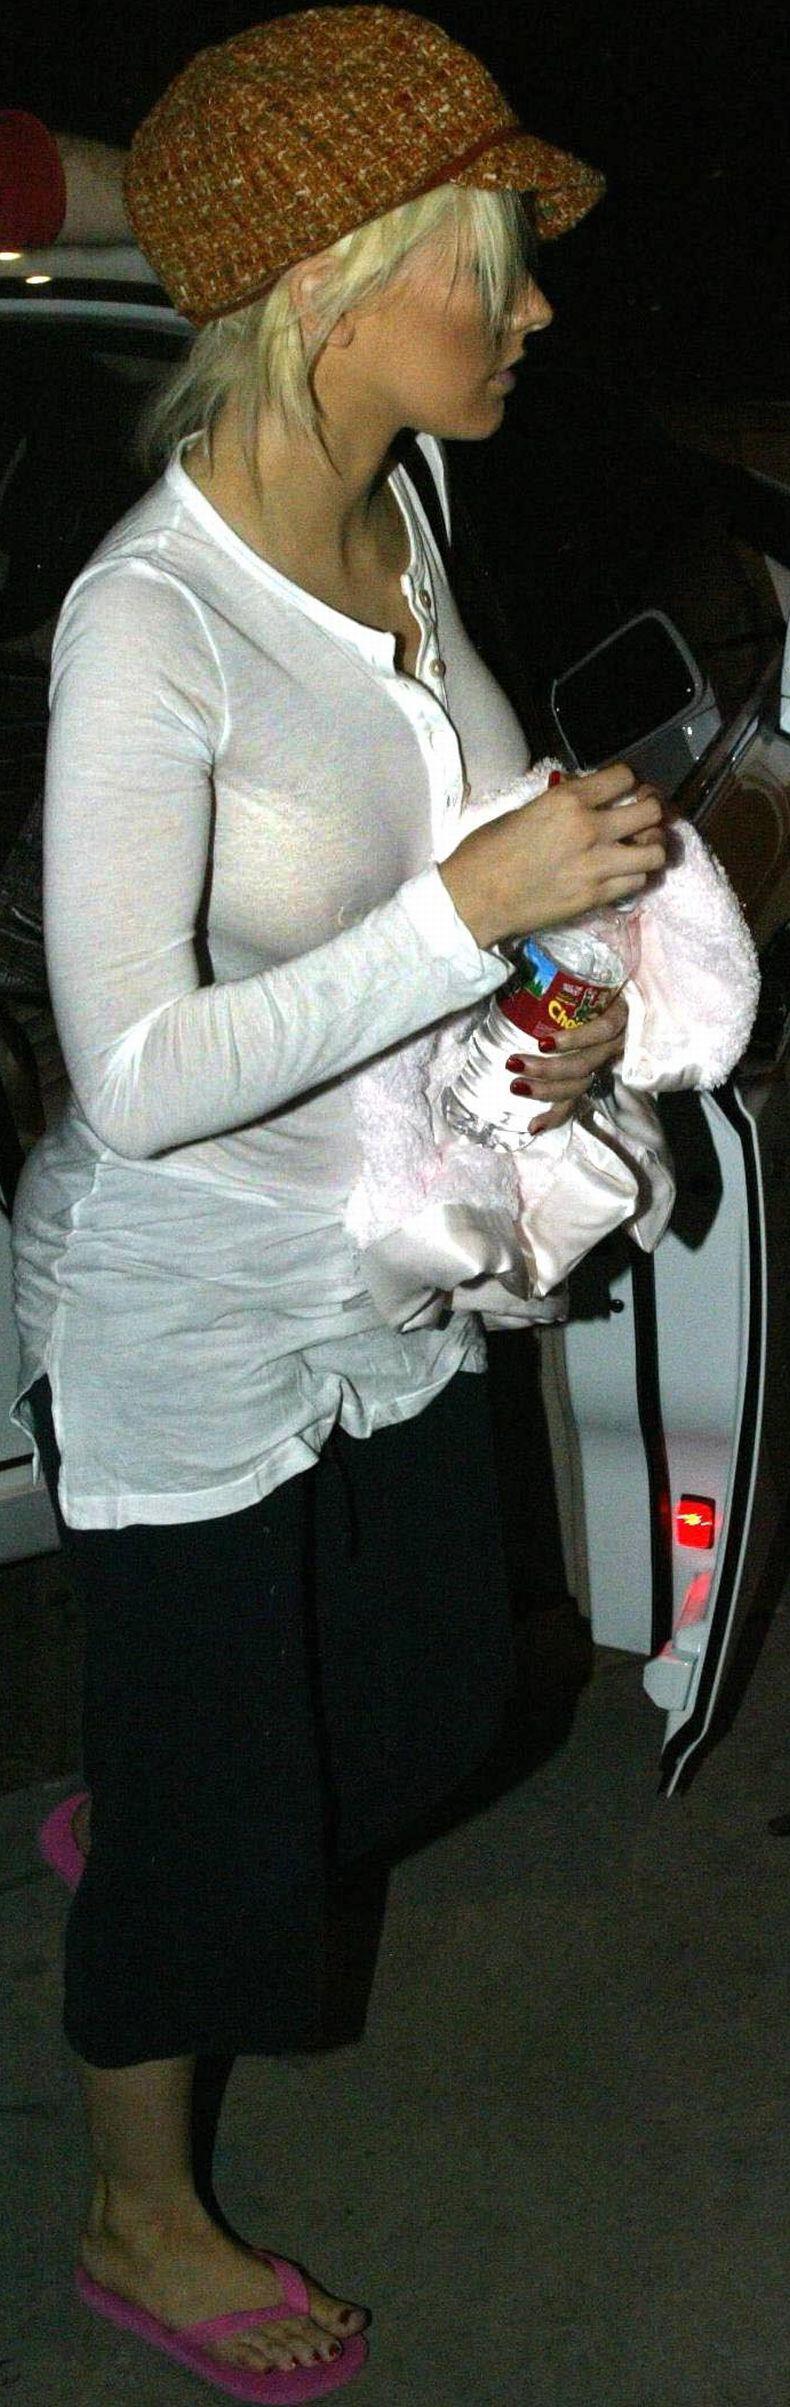 Кристина Агилера в прозрачной блузке (6 фото)